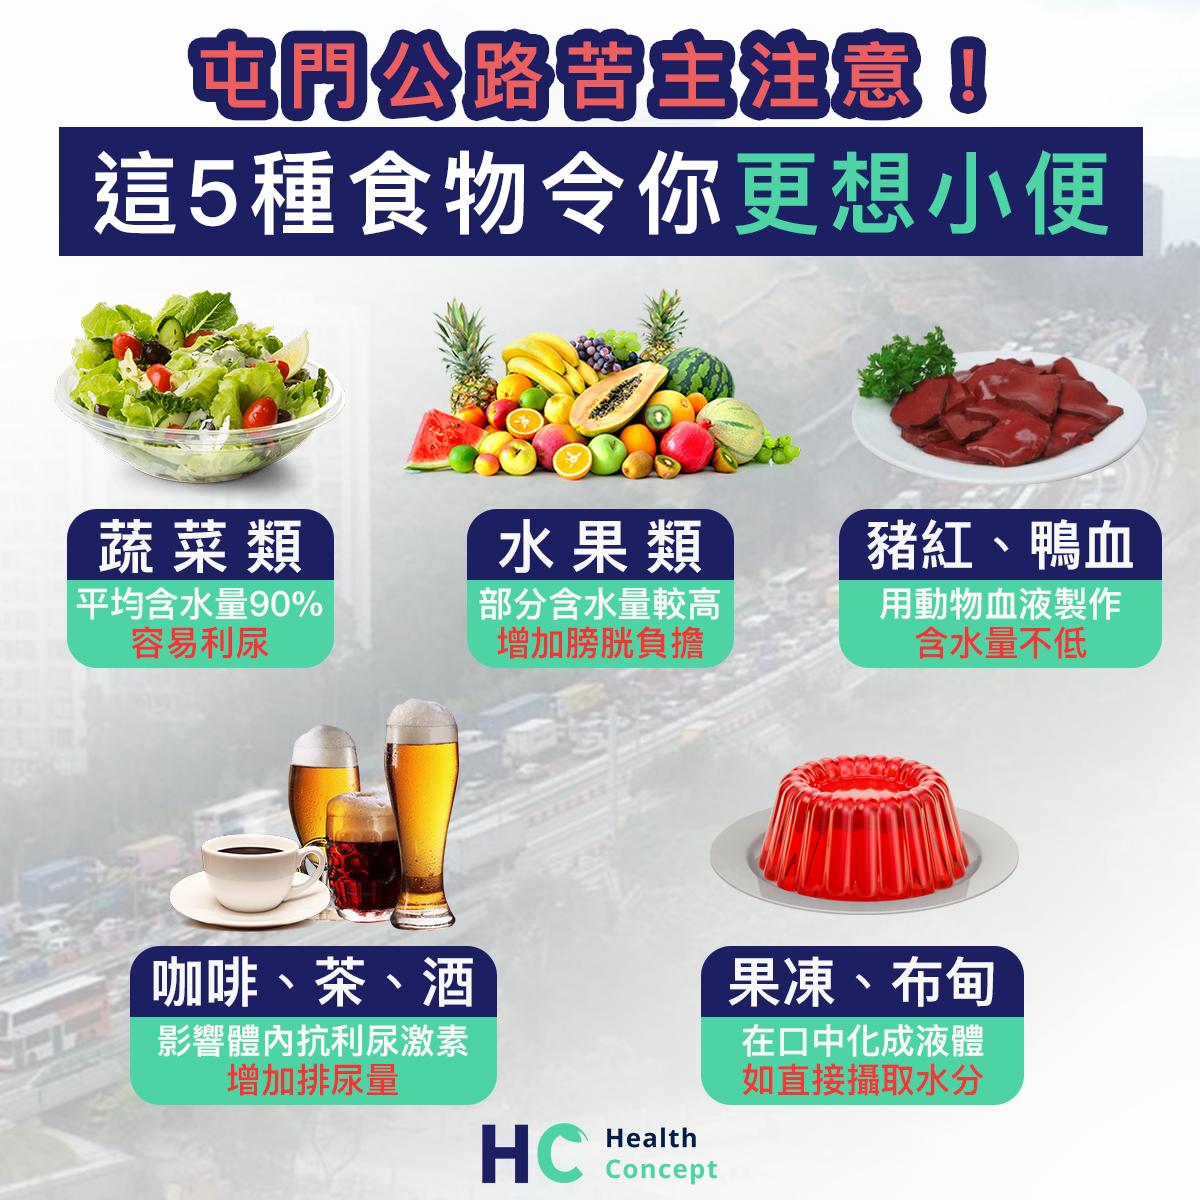 【#塞車忌食】屯門公路苦主注意! 這5種食物令你更想小便